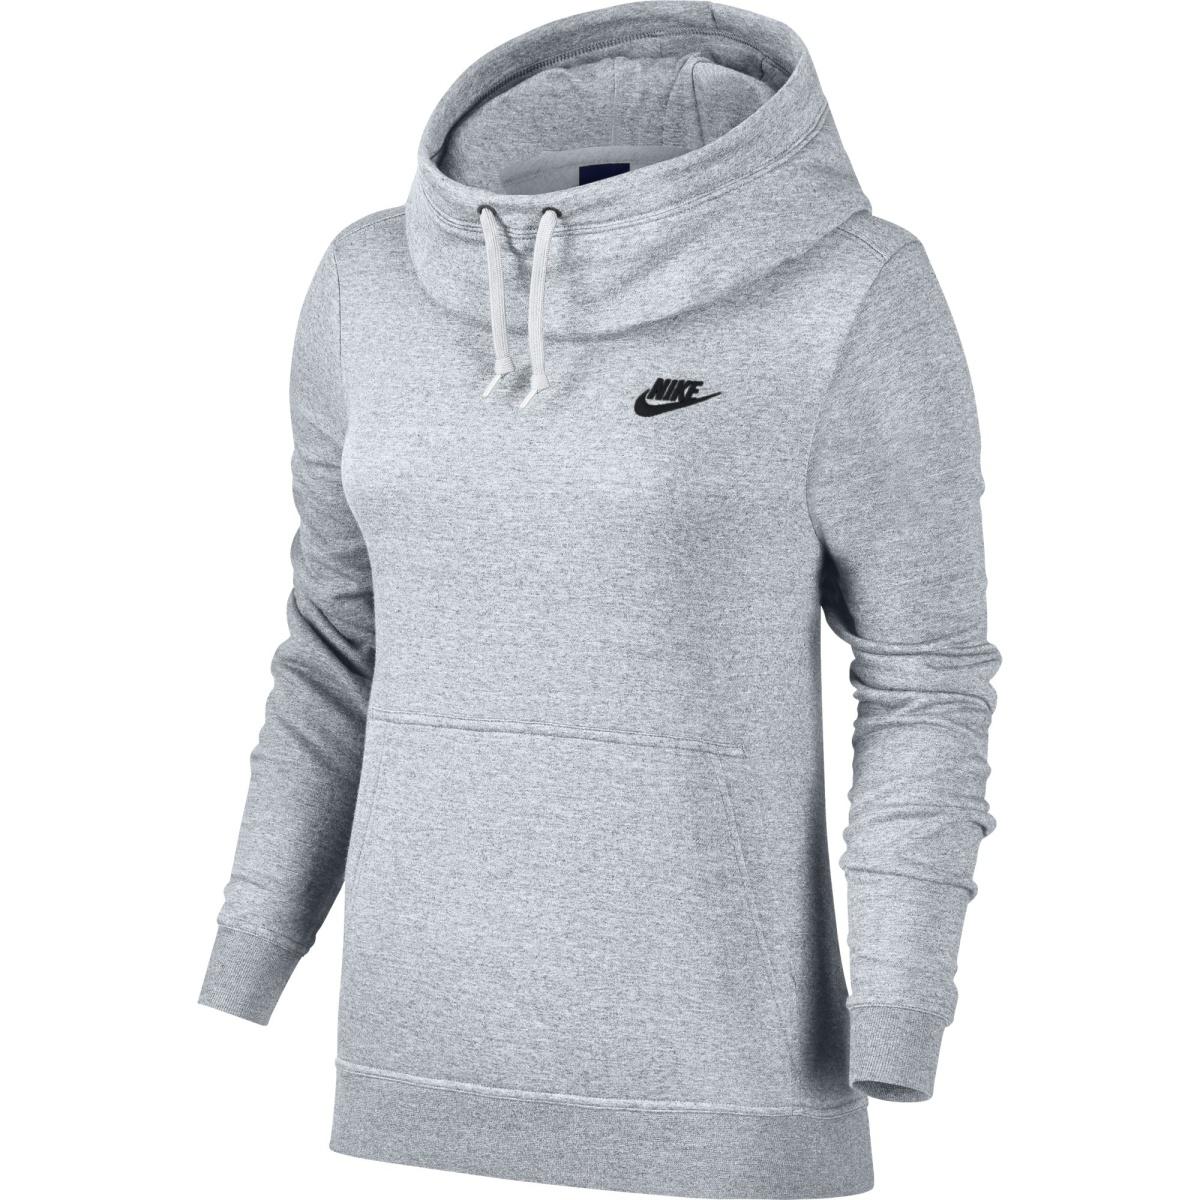 beb2743e11b8 Nike W Nsw Fnl Flc šedá L - Glami.cz